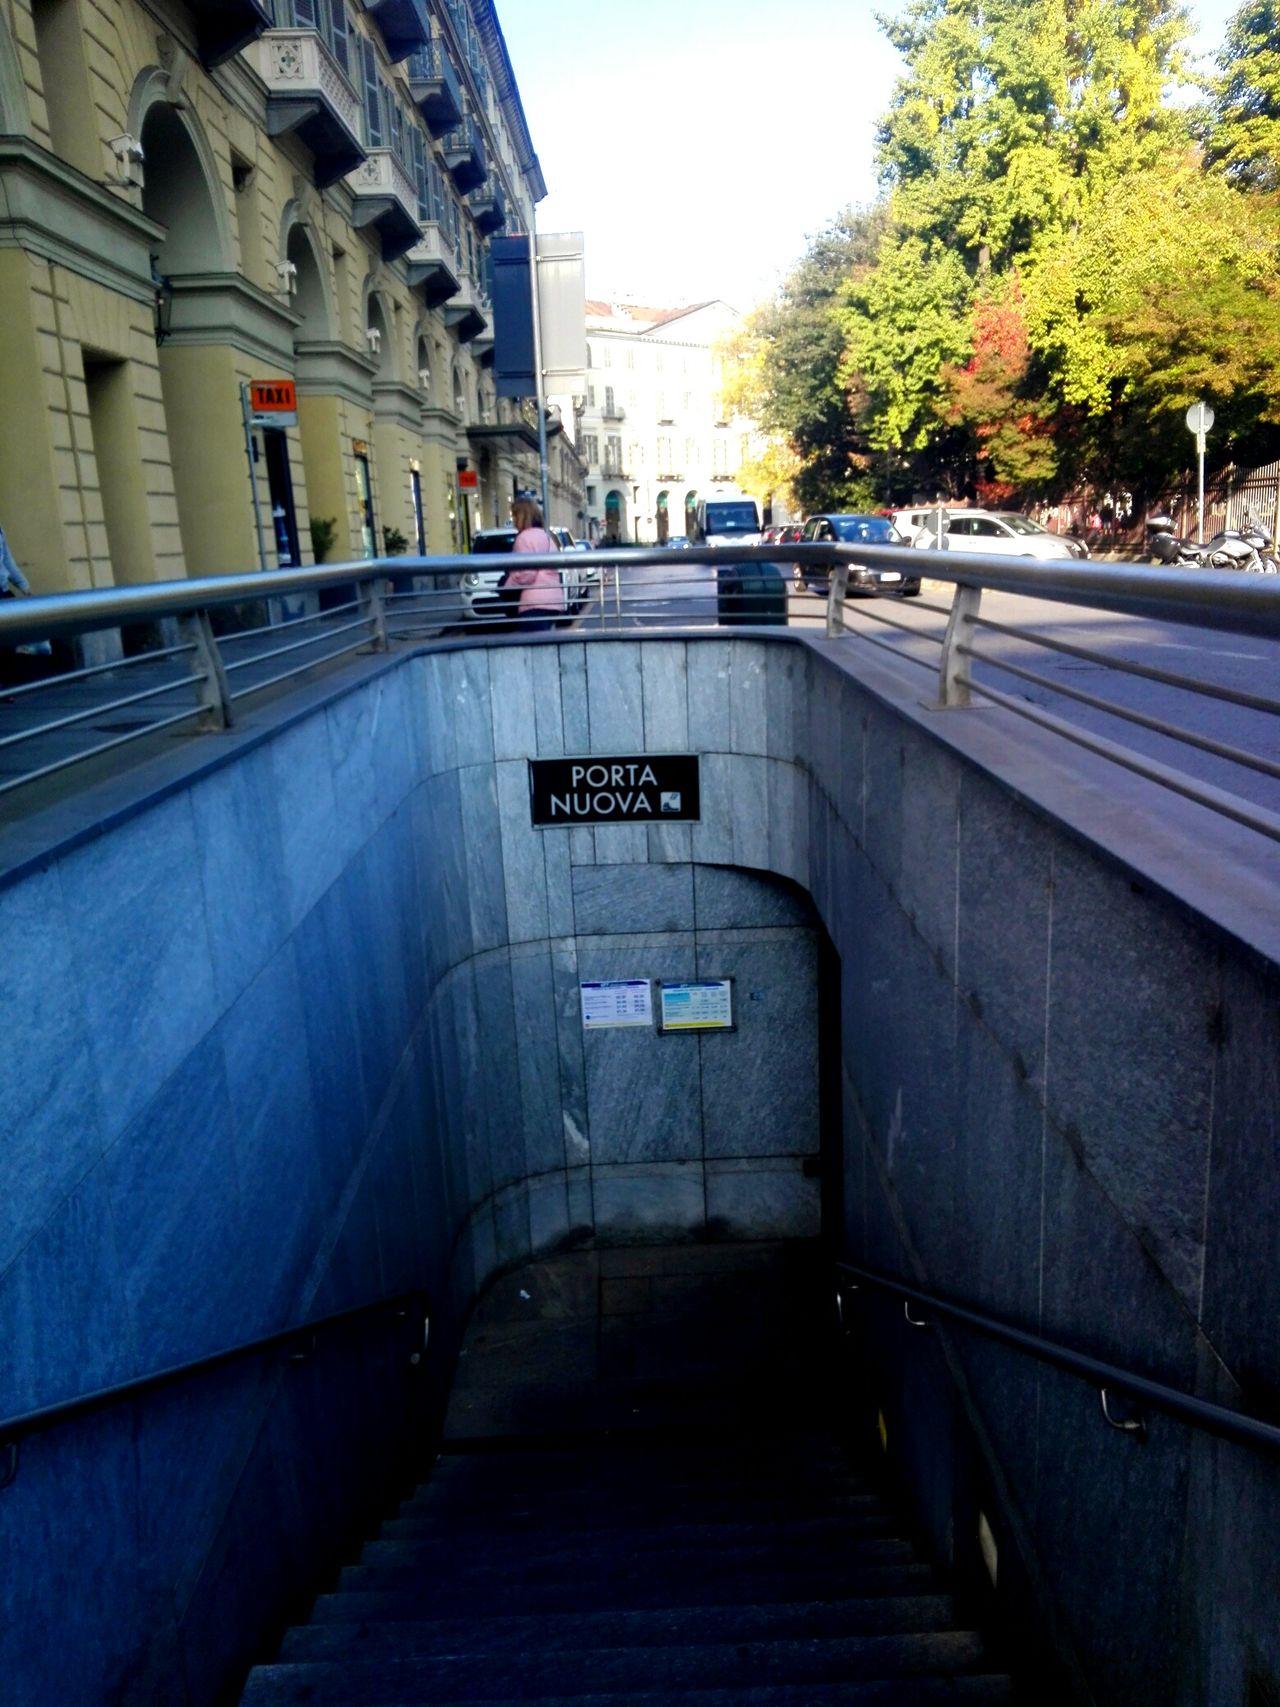 Porta Nuova Scalini Torino Porta Nuova Stazione Porta Nuova Metro